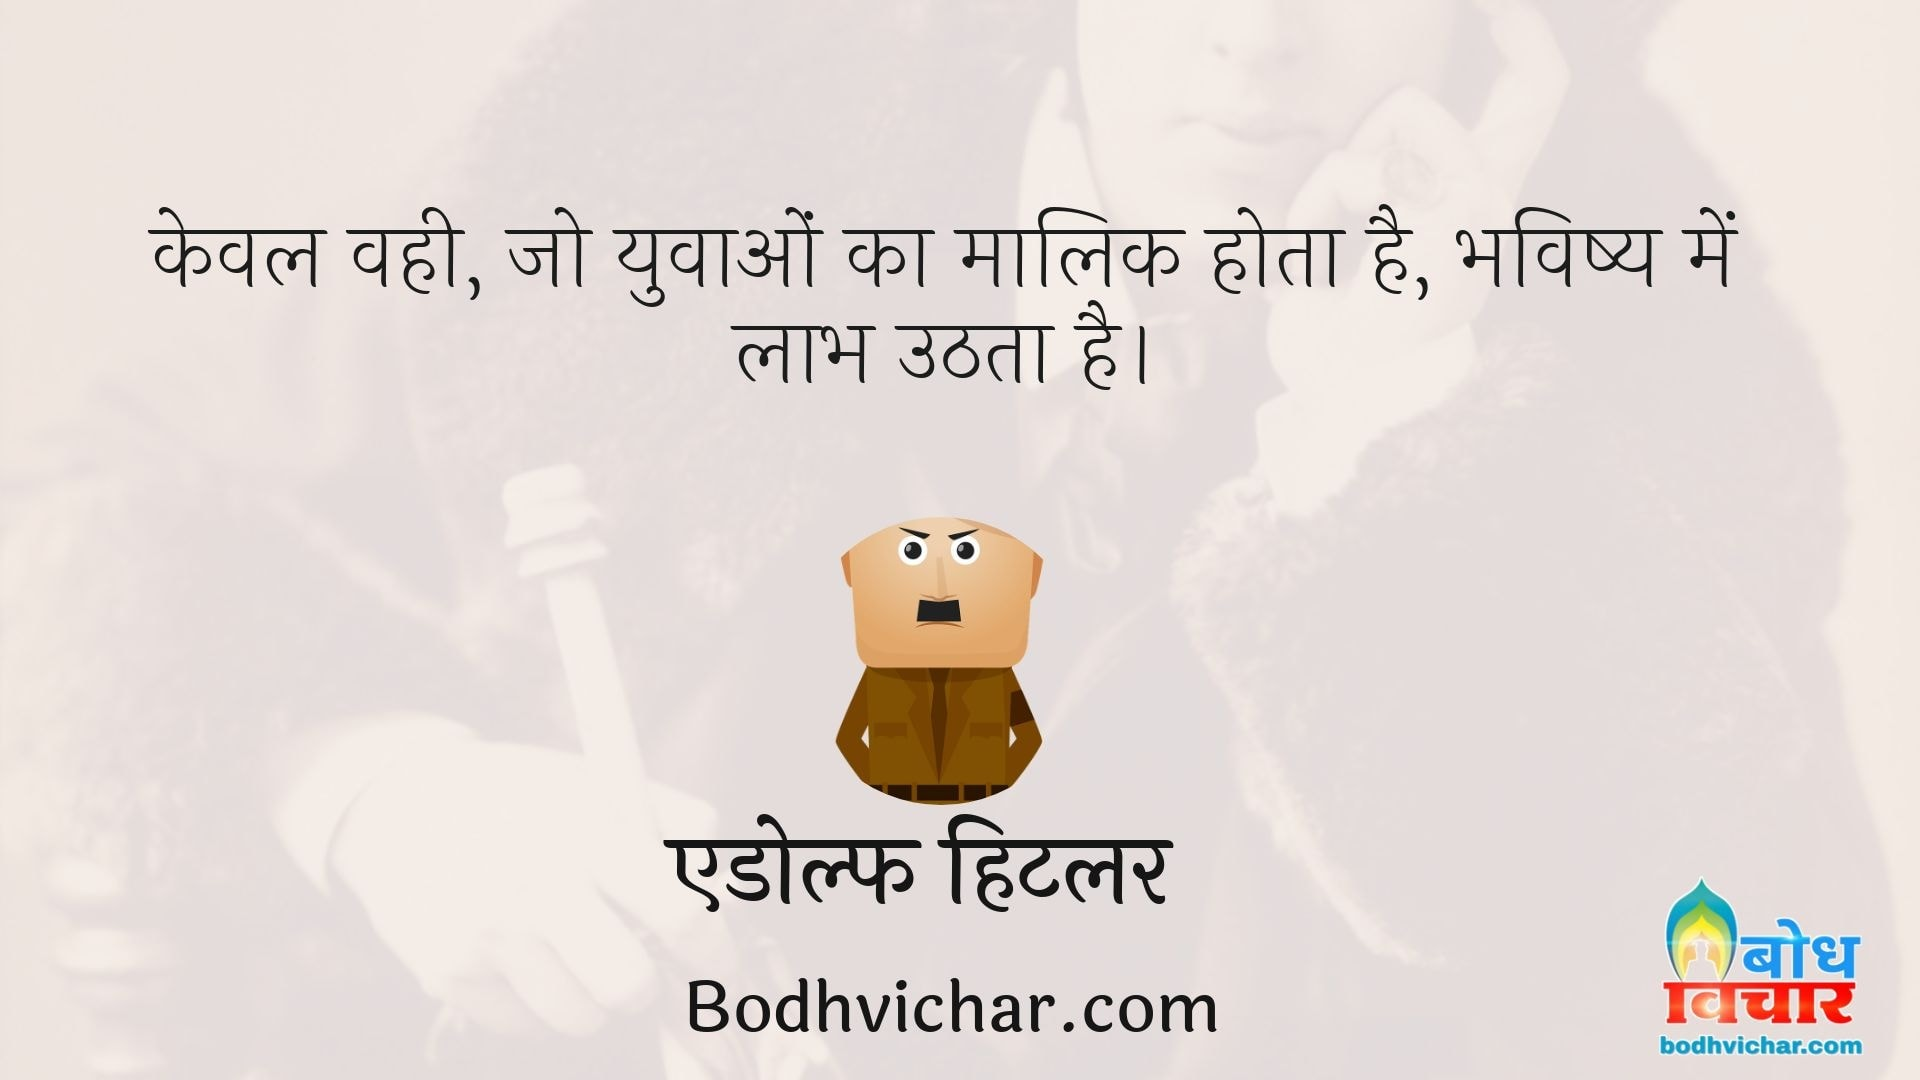 केवल वही, जो युवाओं का मालिक होता है, भविष्य में लाभ उठता है। : Keval wohi jo yuvaao ka malik hota hai bhavishya me labh uthata hai. - एडोल्फ हिटलर